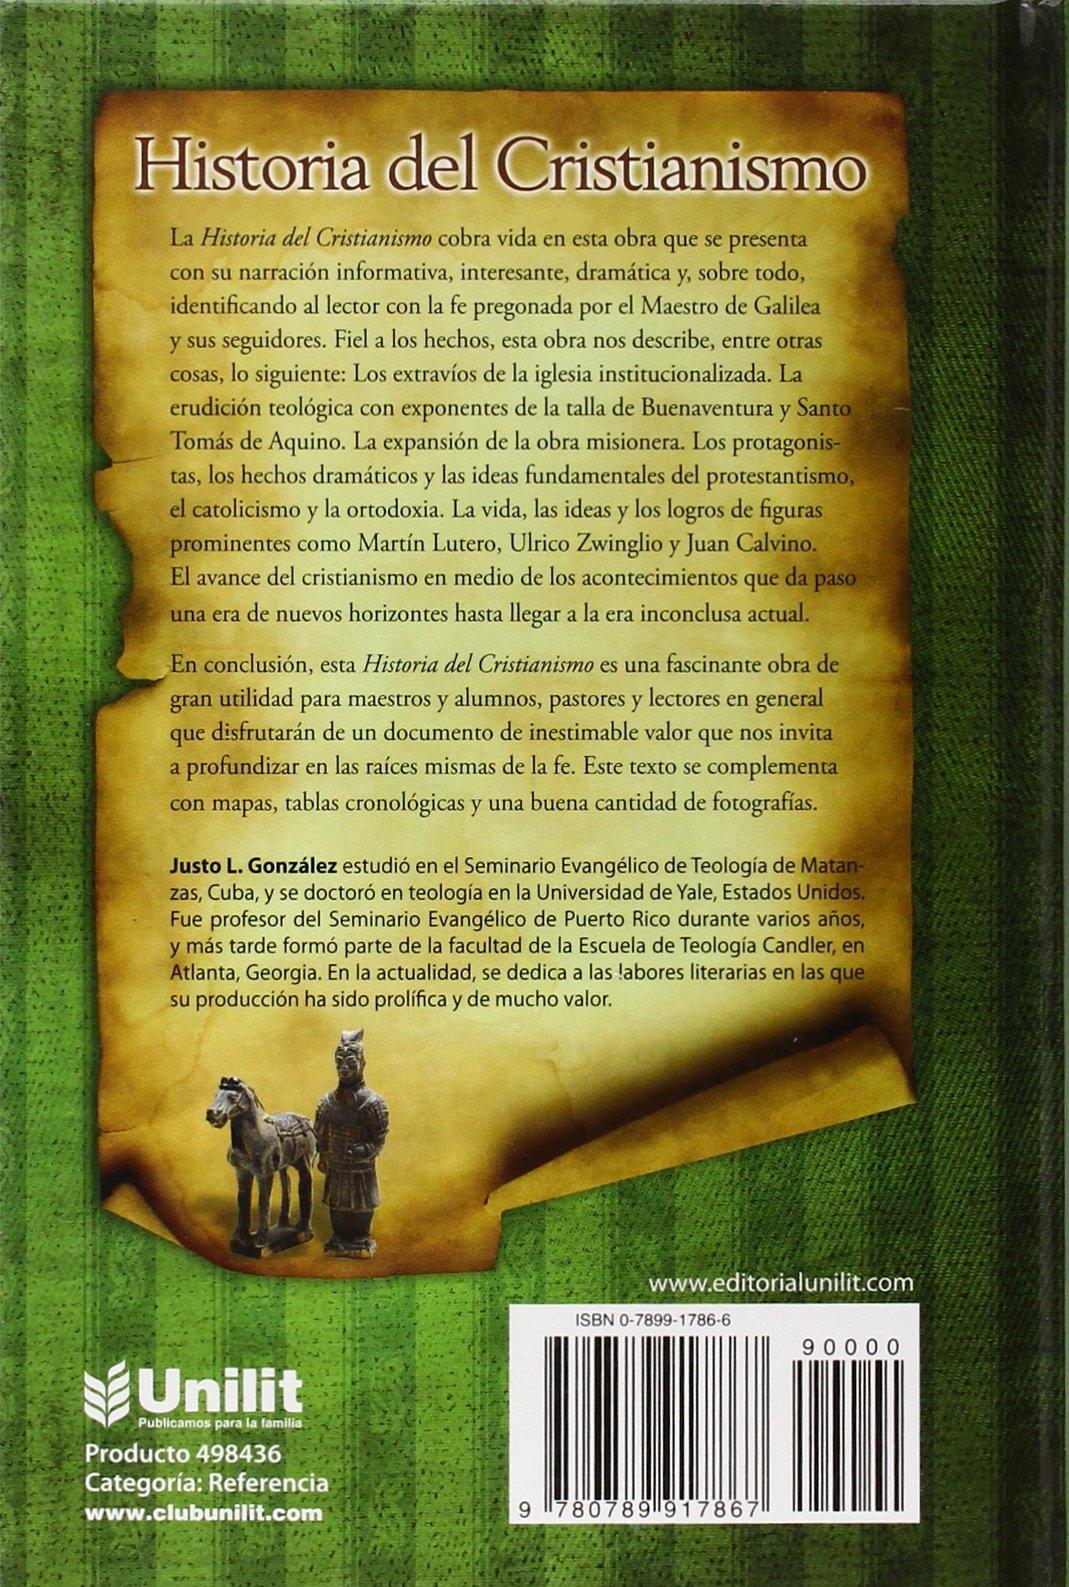 Historia del cristianismo spanish edition justo l gonzales 9780789917867 amazon com books